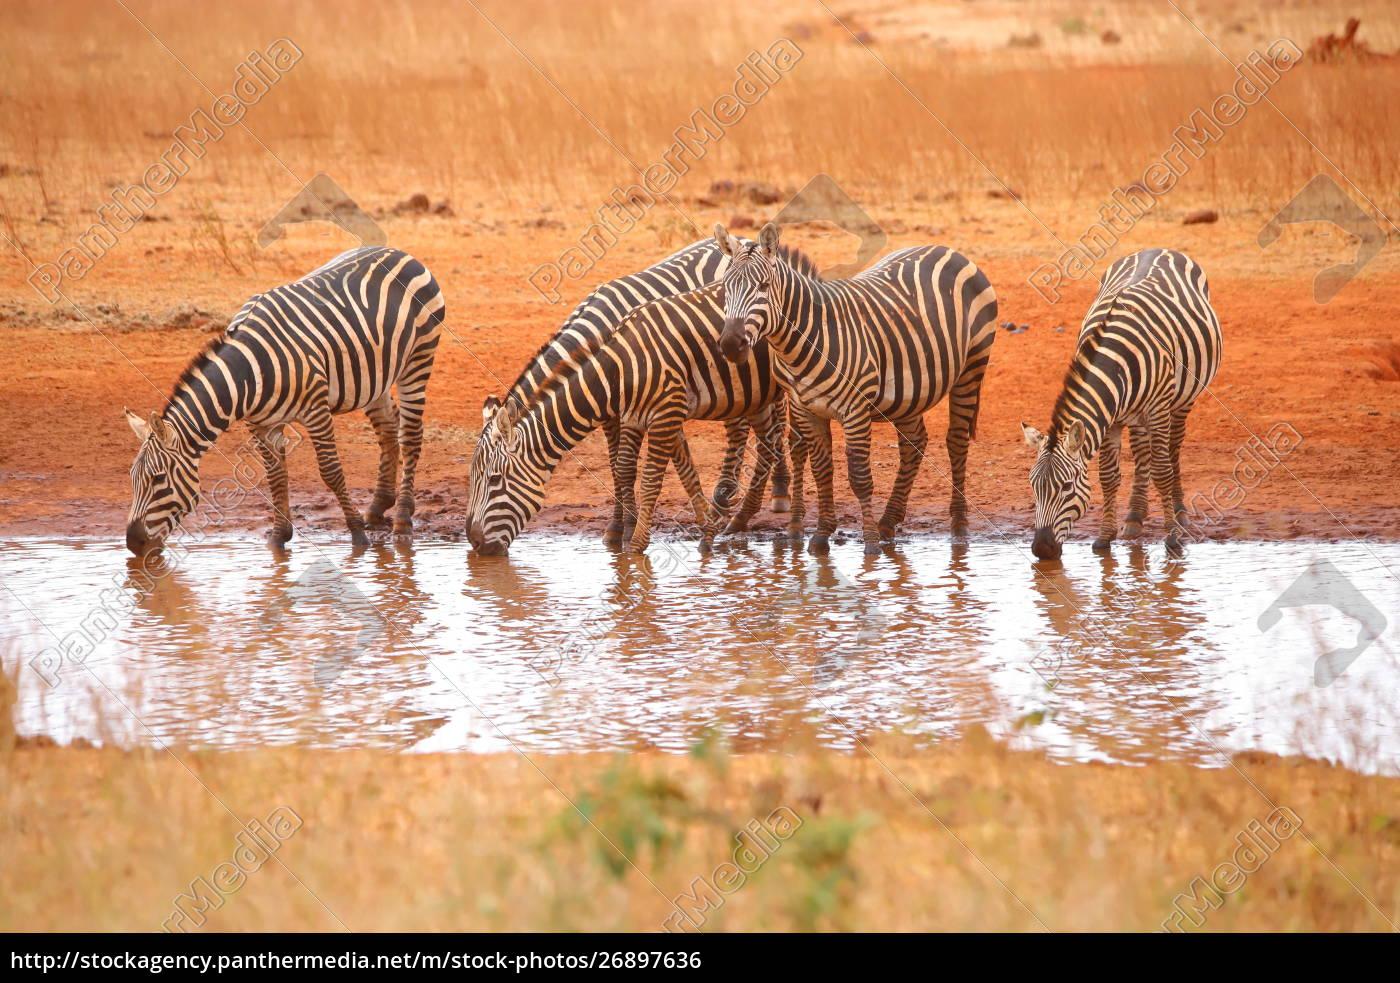 fünf, zebras, am, wasserloch - 26897636